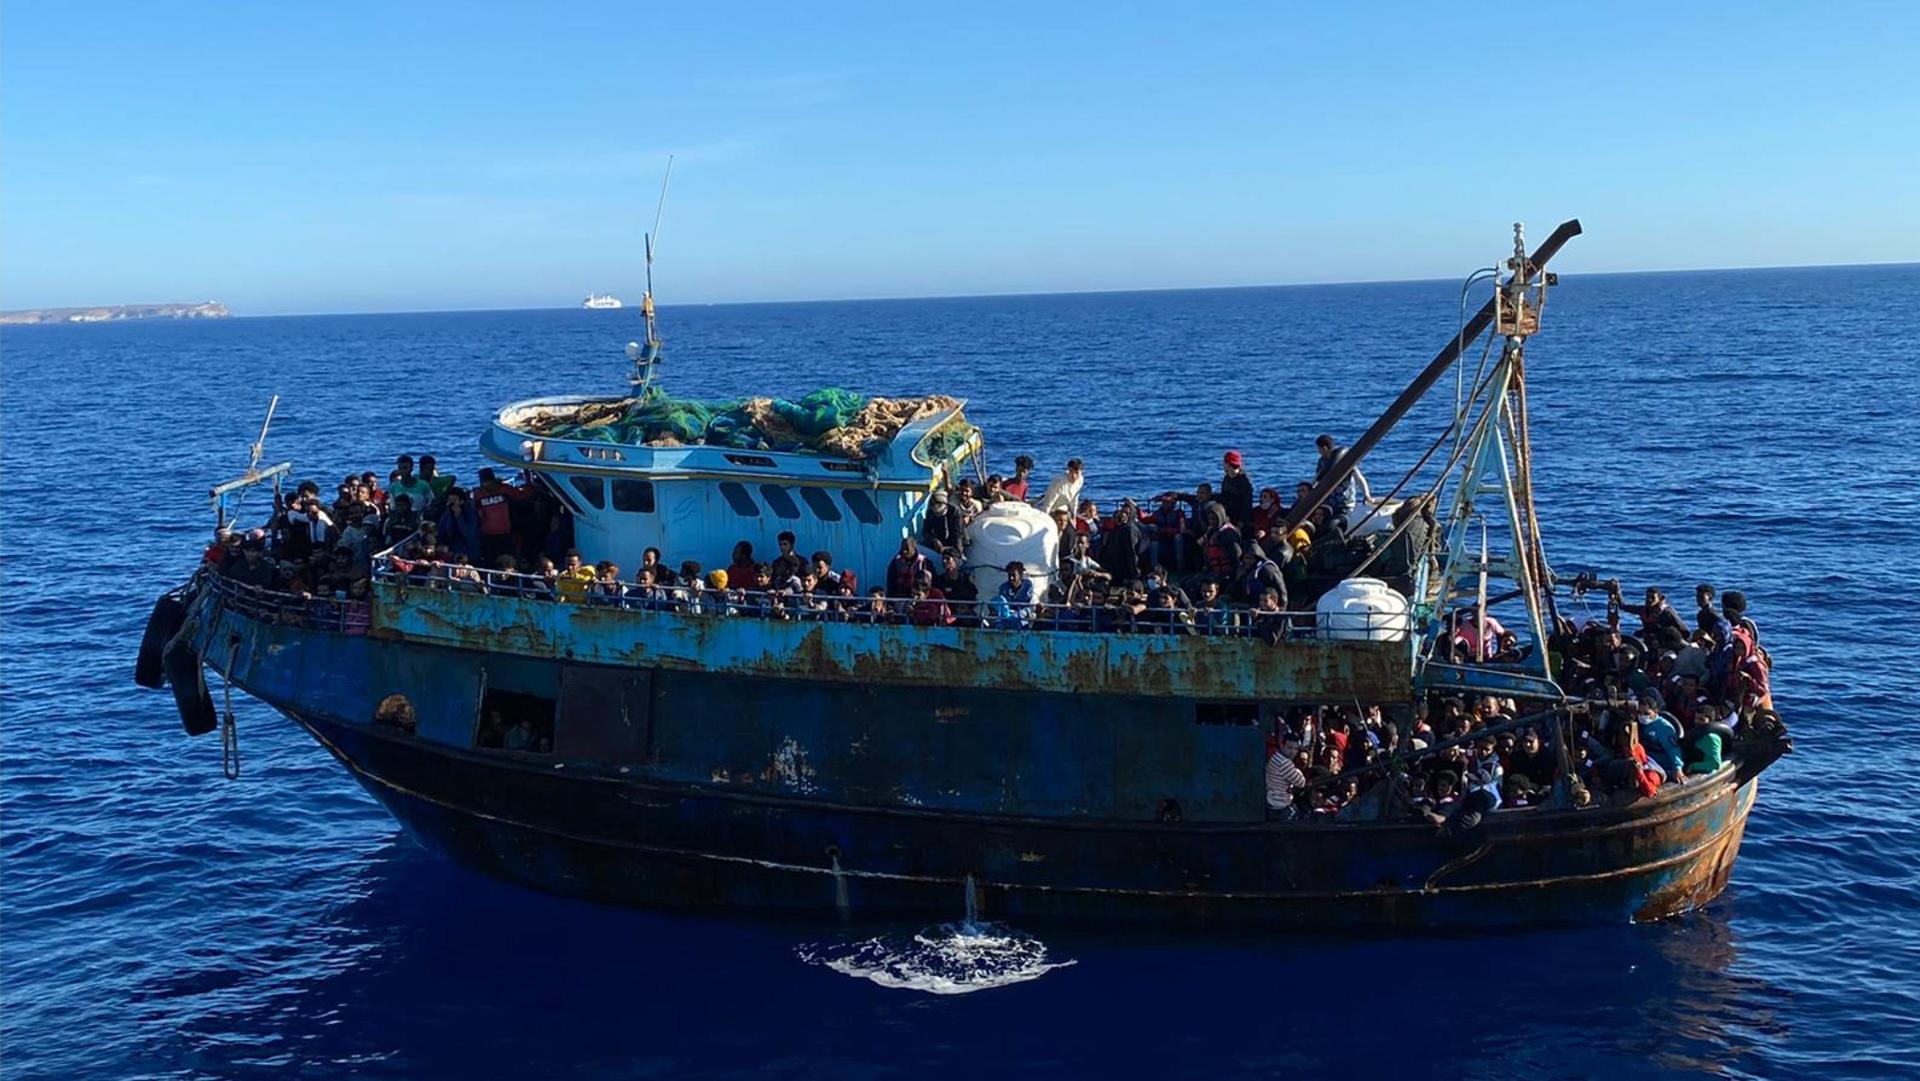 Non si ferma la guerra in Israele e Palestina, la nave di MSF torna nel Mediterraneo e le altre notizie della giornata